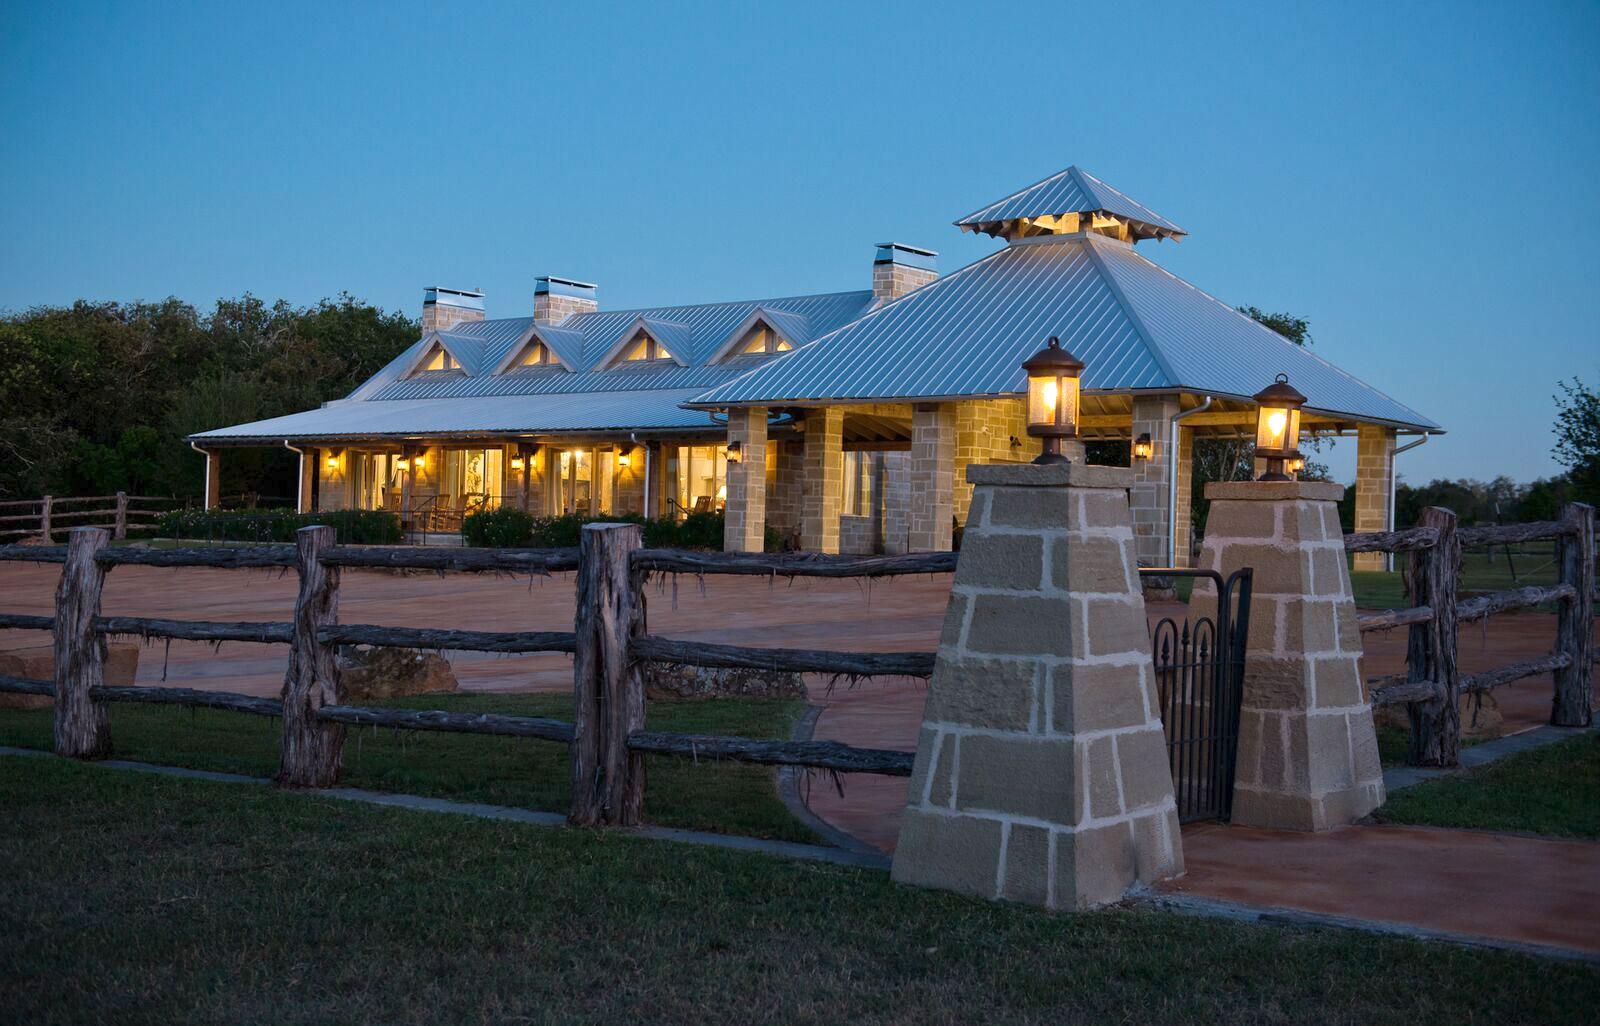 Southwest Showcase - Southwest Log Homes